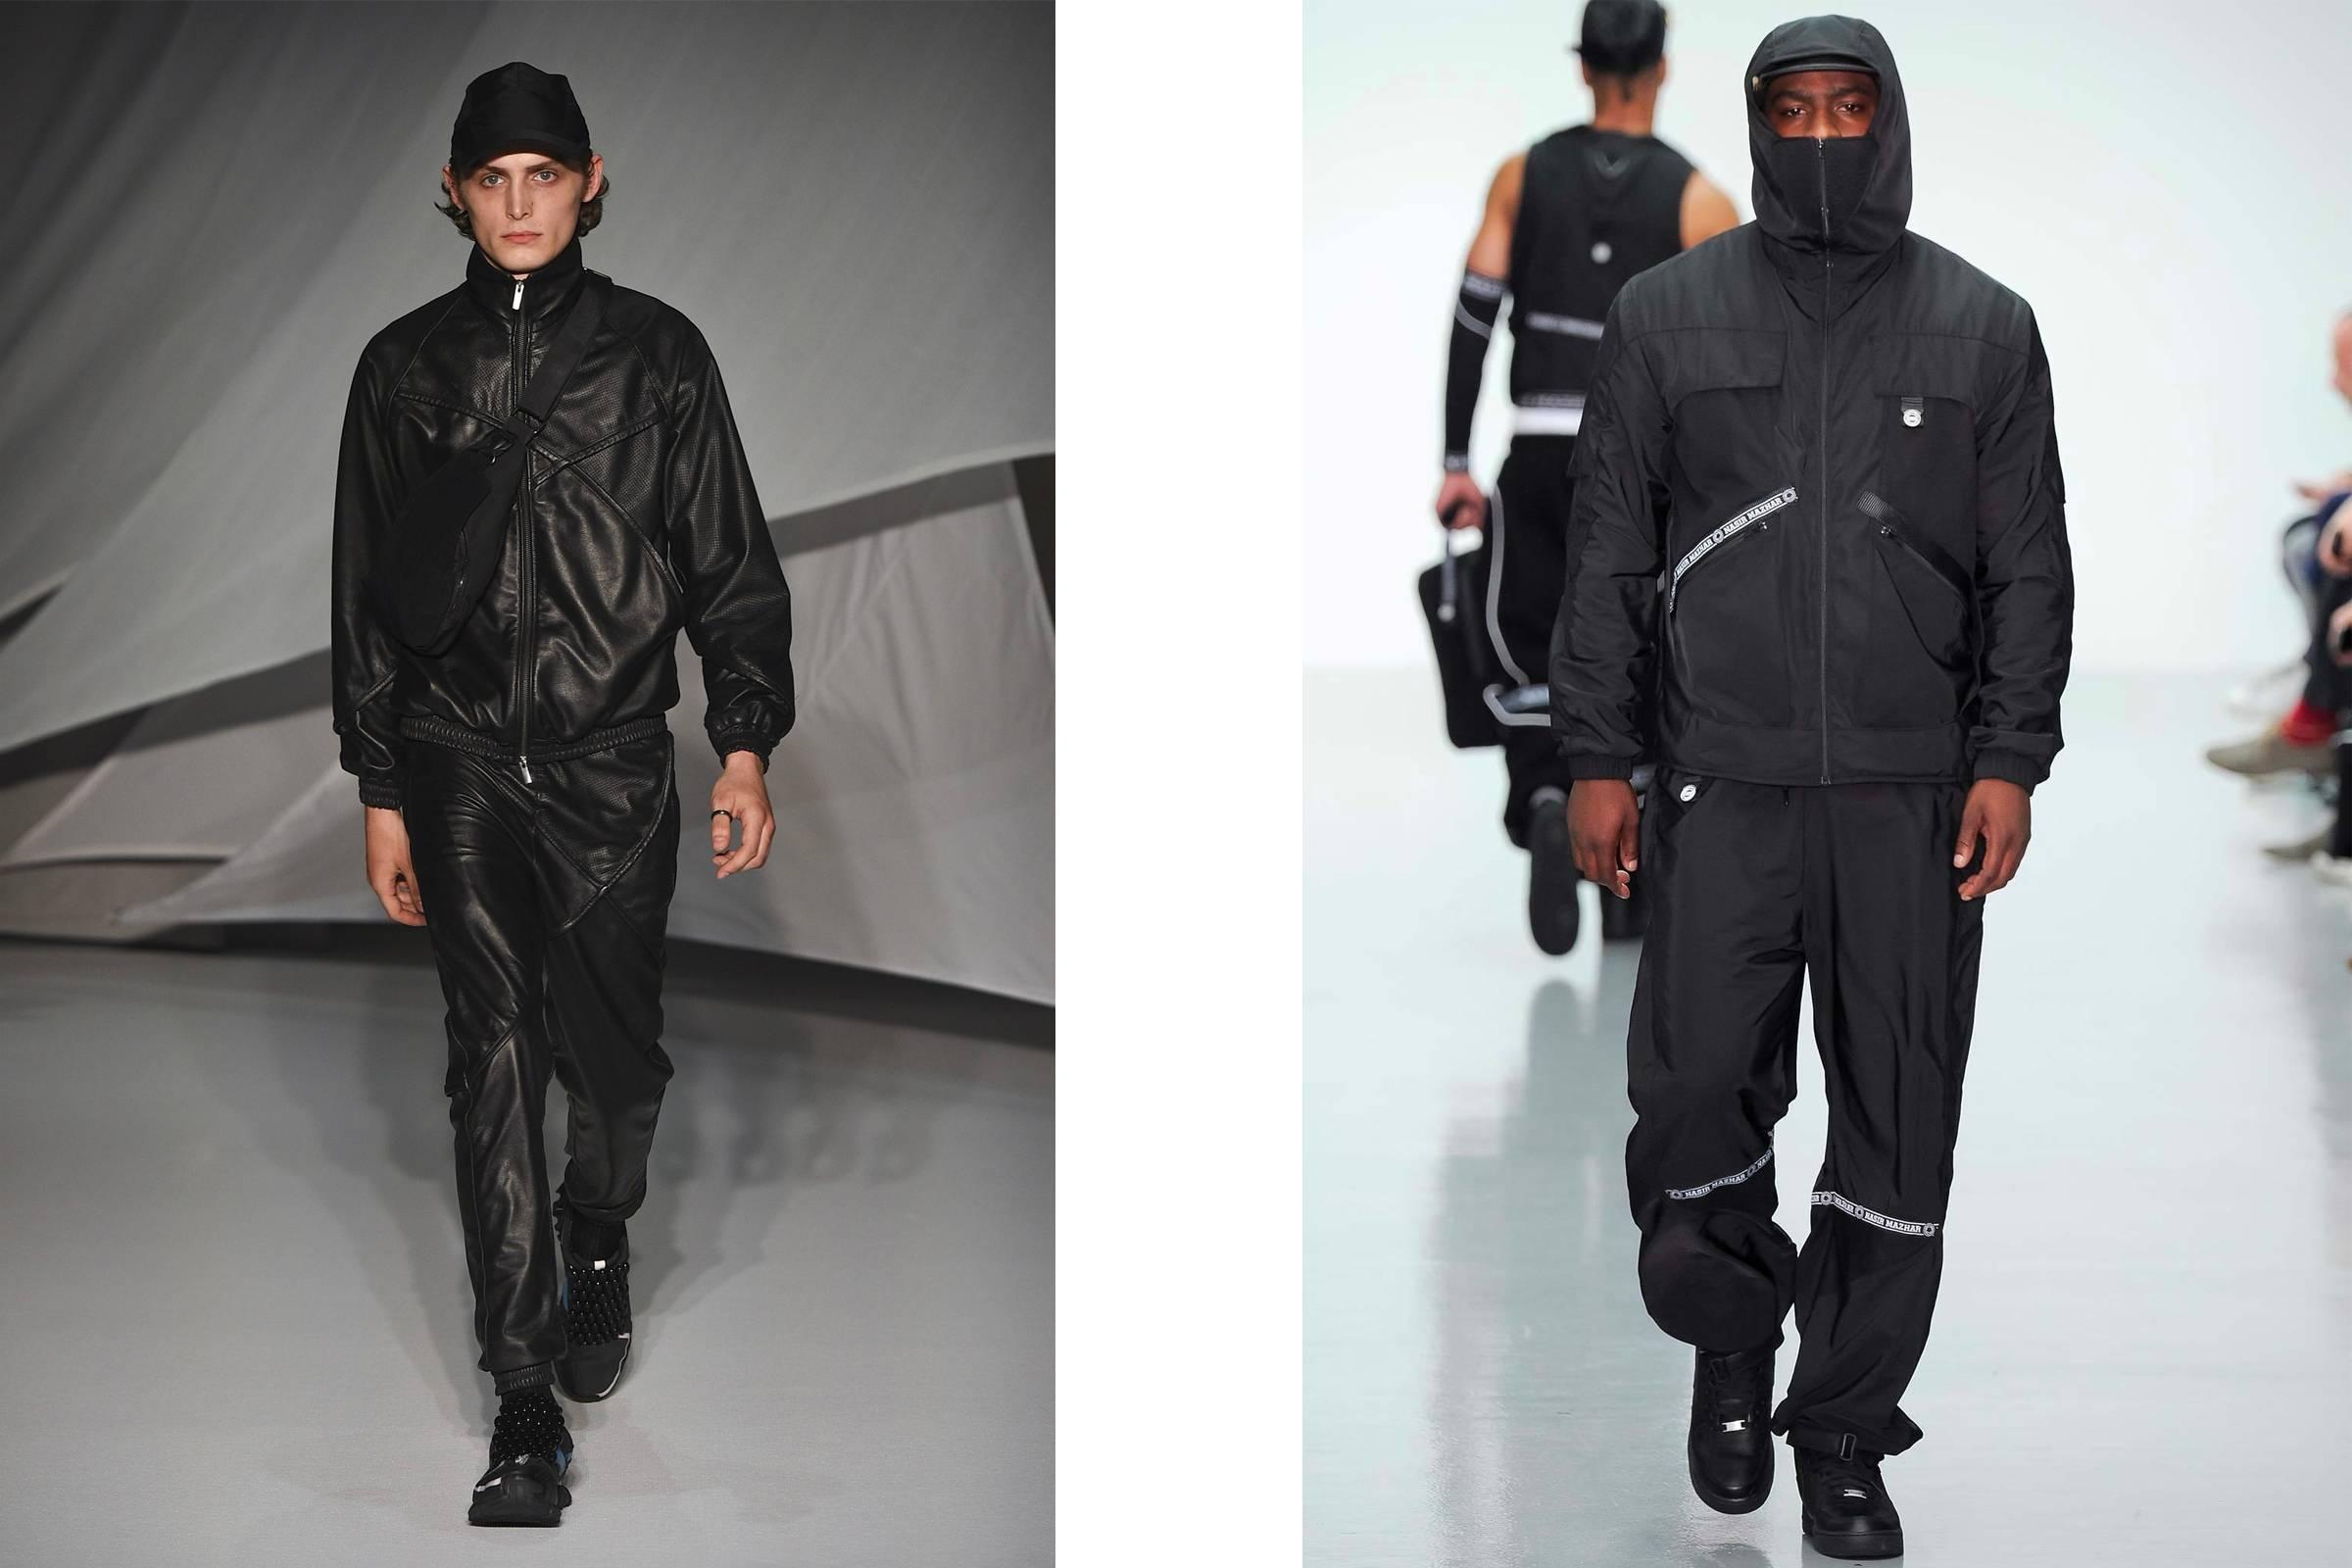 Looks from Cottweiler Spring/Summer 2019 (left) and Nasir Mazhar Spring/Summer 2015 (with Skepta modeling)